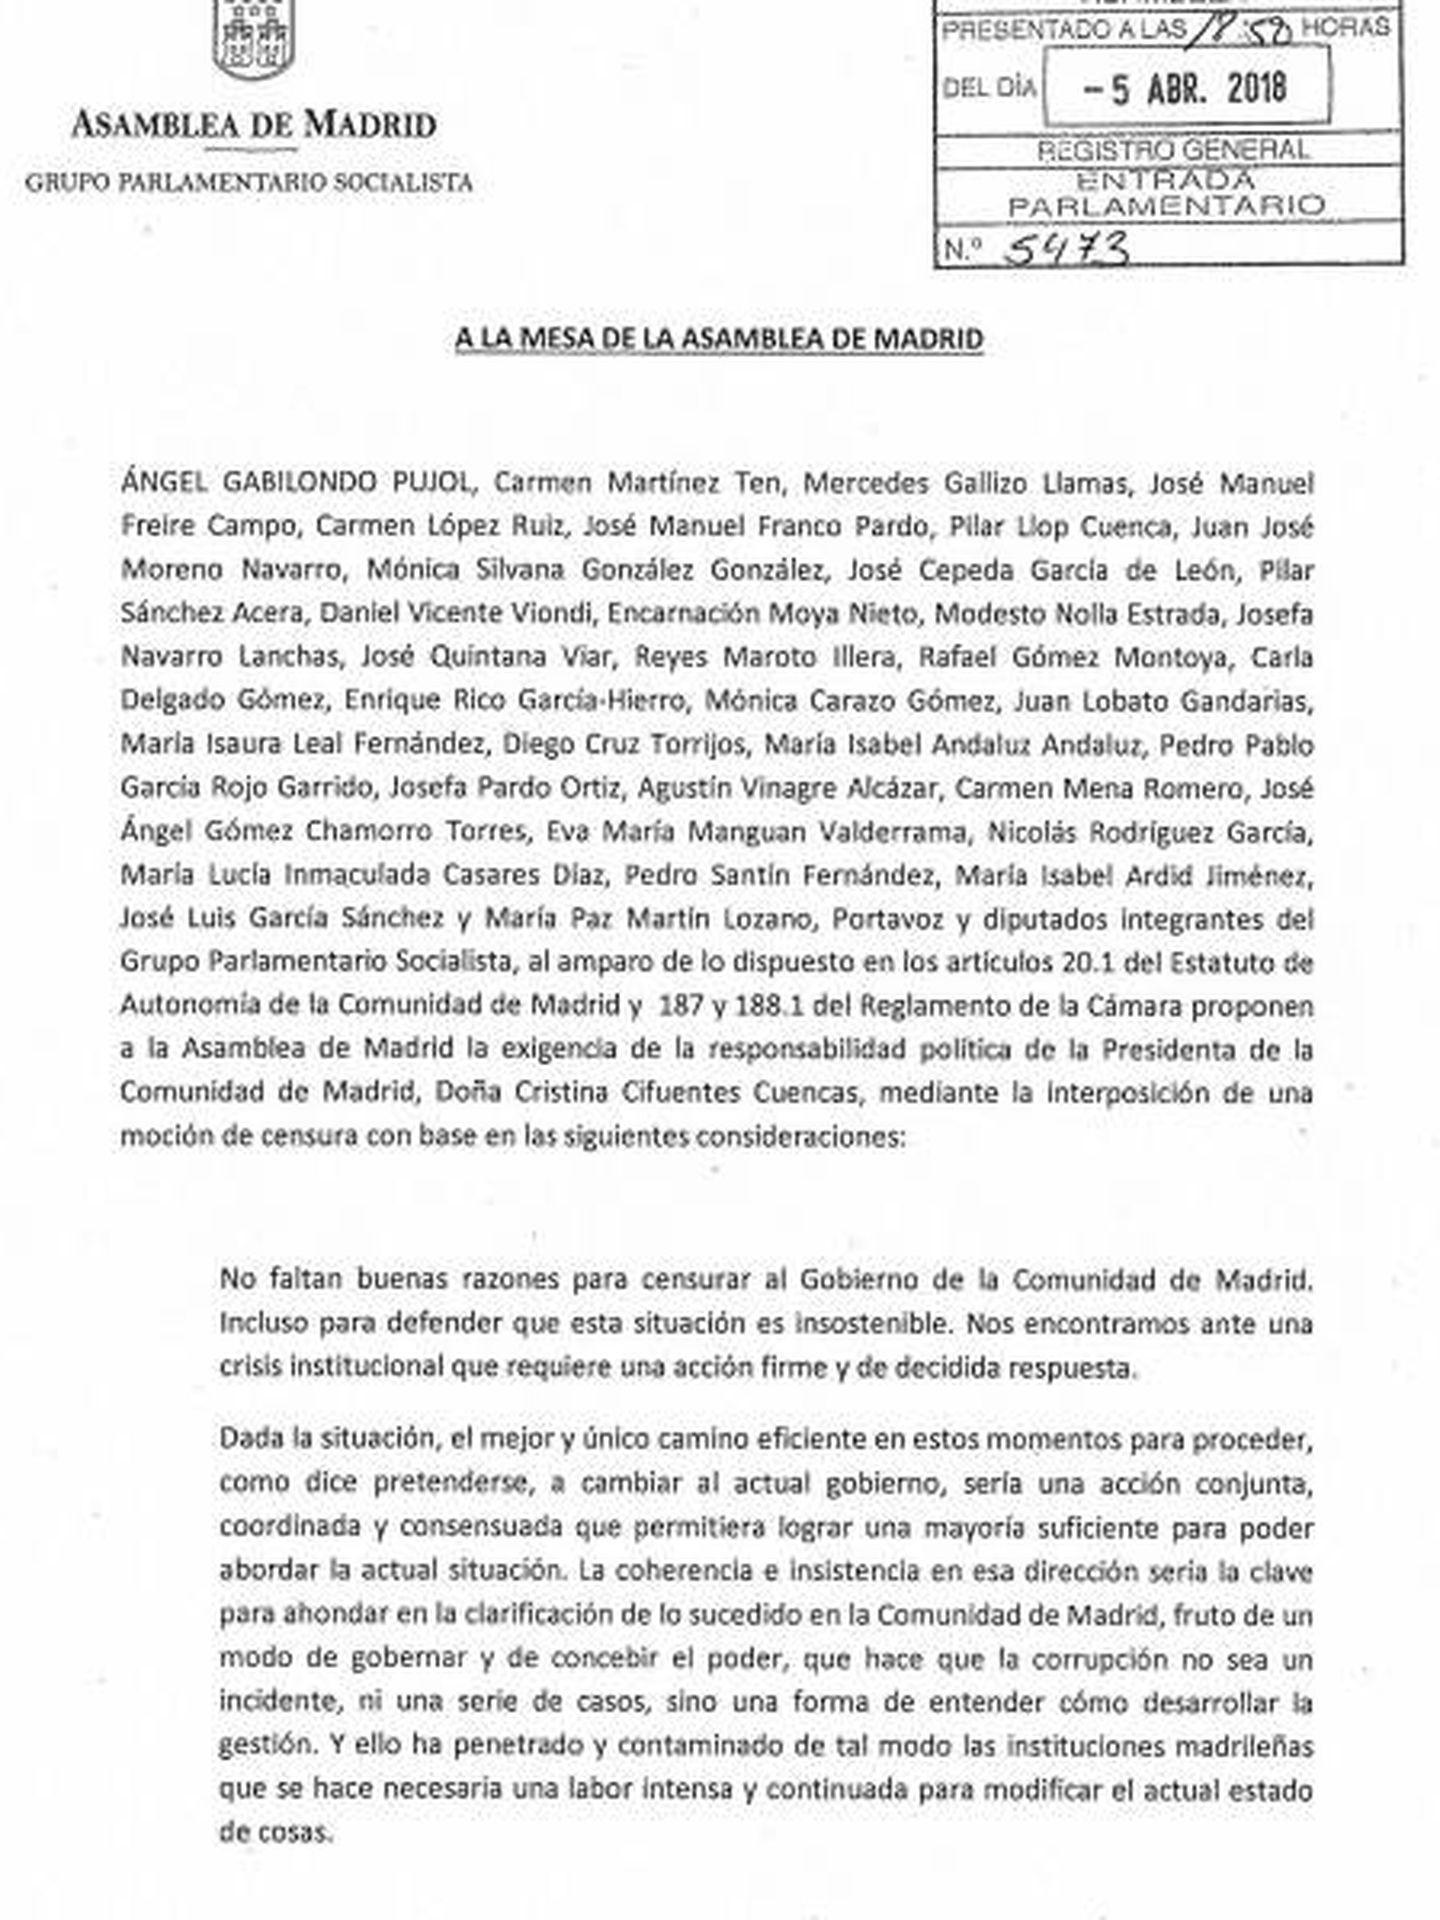 Consulta aquí en PDF el texto de la moción de censura contra Cristina Cifuentes presentada por el PSOE. (EC)